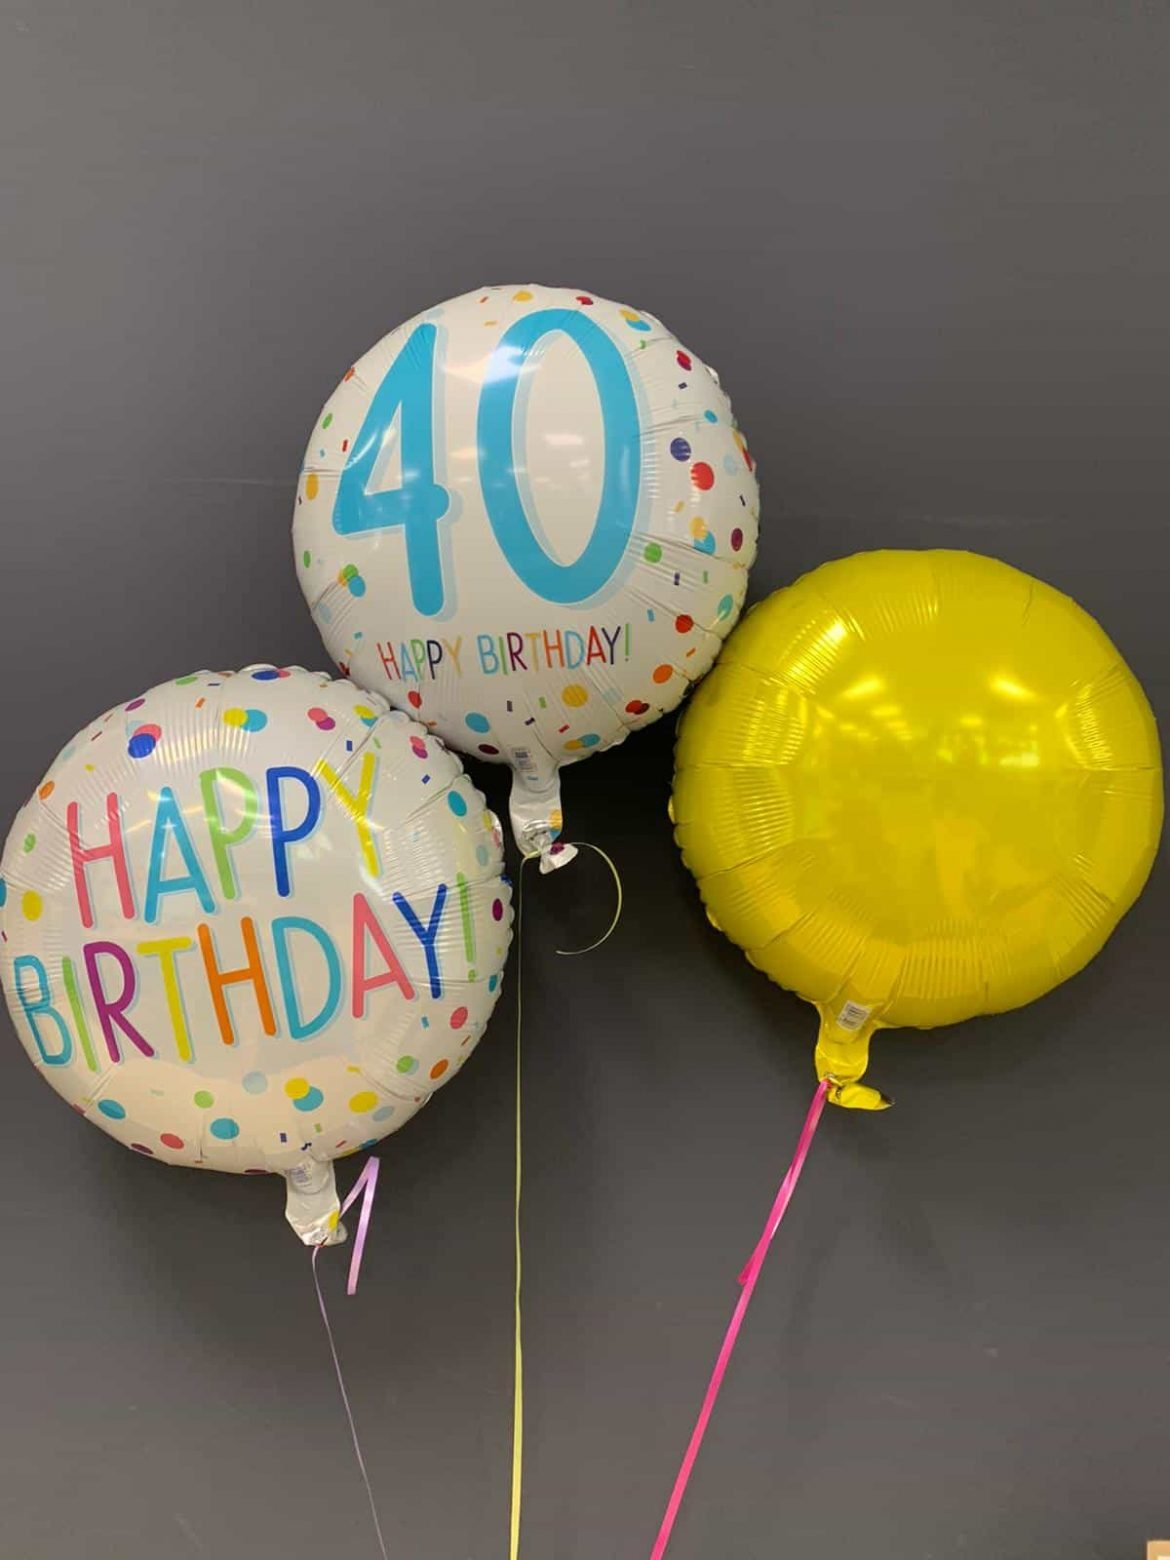 Happy Birthday rund Zahl 40 rund Dekoballon